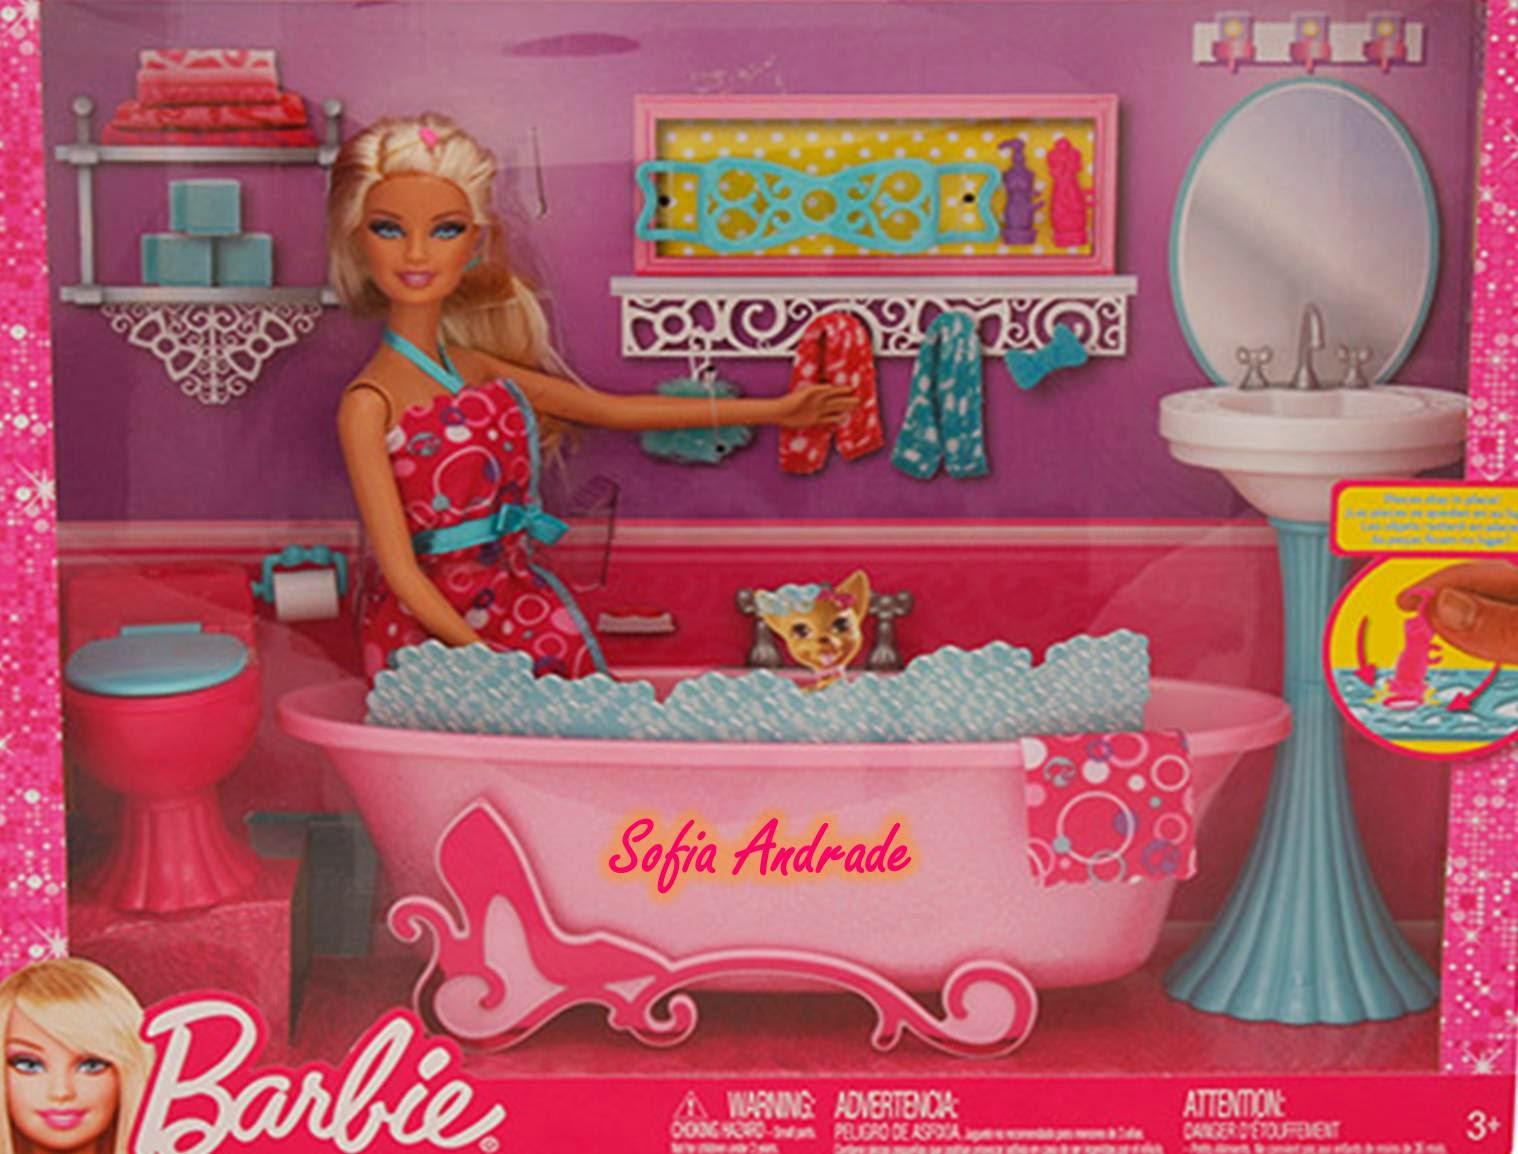 momento de relaxamento nessa banheira que é tudo de bom #AB2039 1518x1154 Banheiro Da Barbie De Papelão